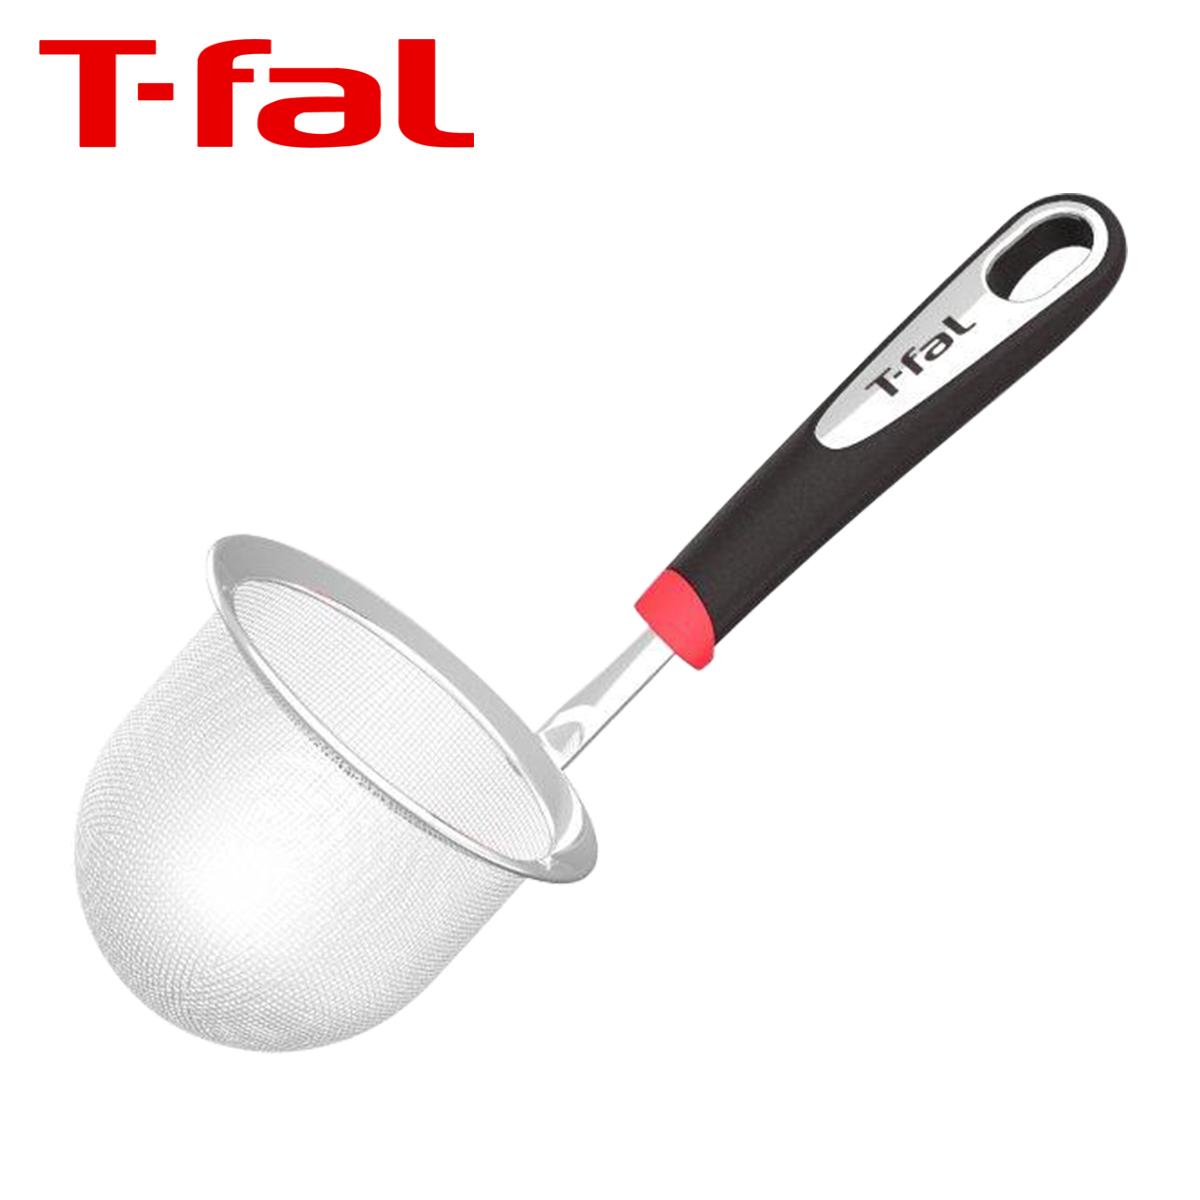 ティファール キッチンツール 特別セール品 調理器具 売り出し T-fal みそ濾し ディープメッシュスキマー K21350 インジニオ